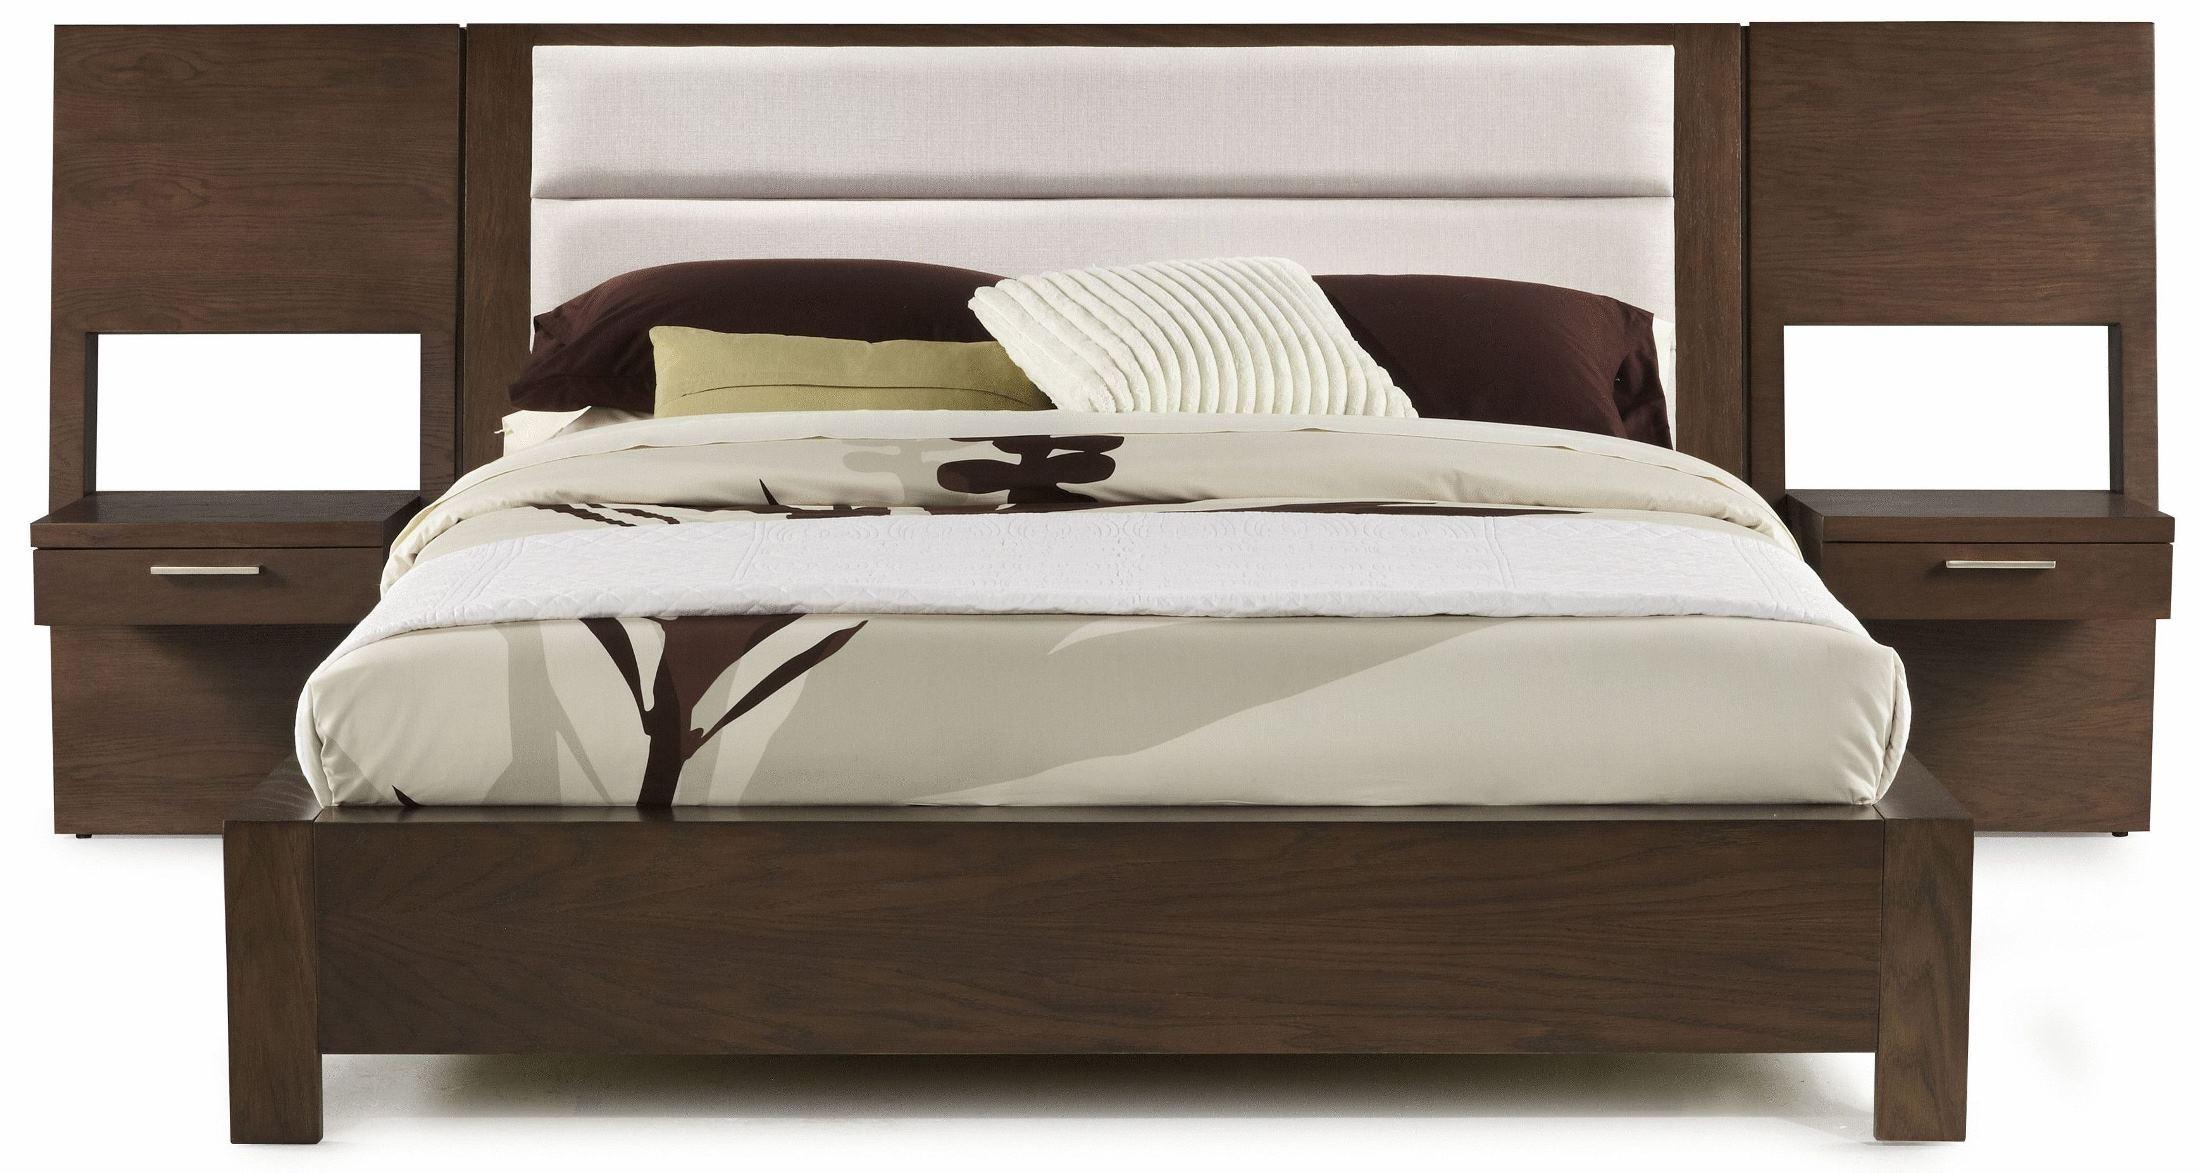 hudson upholstered platform bedroom set with panel